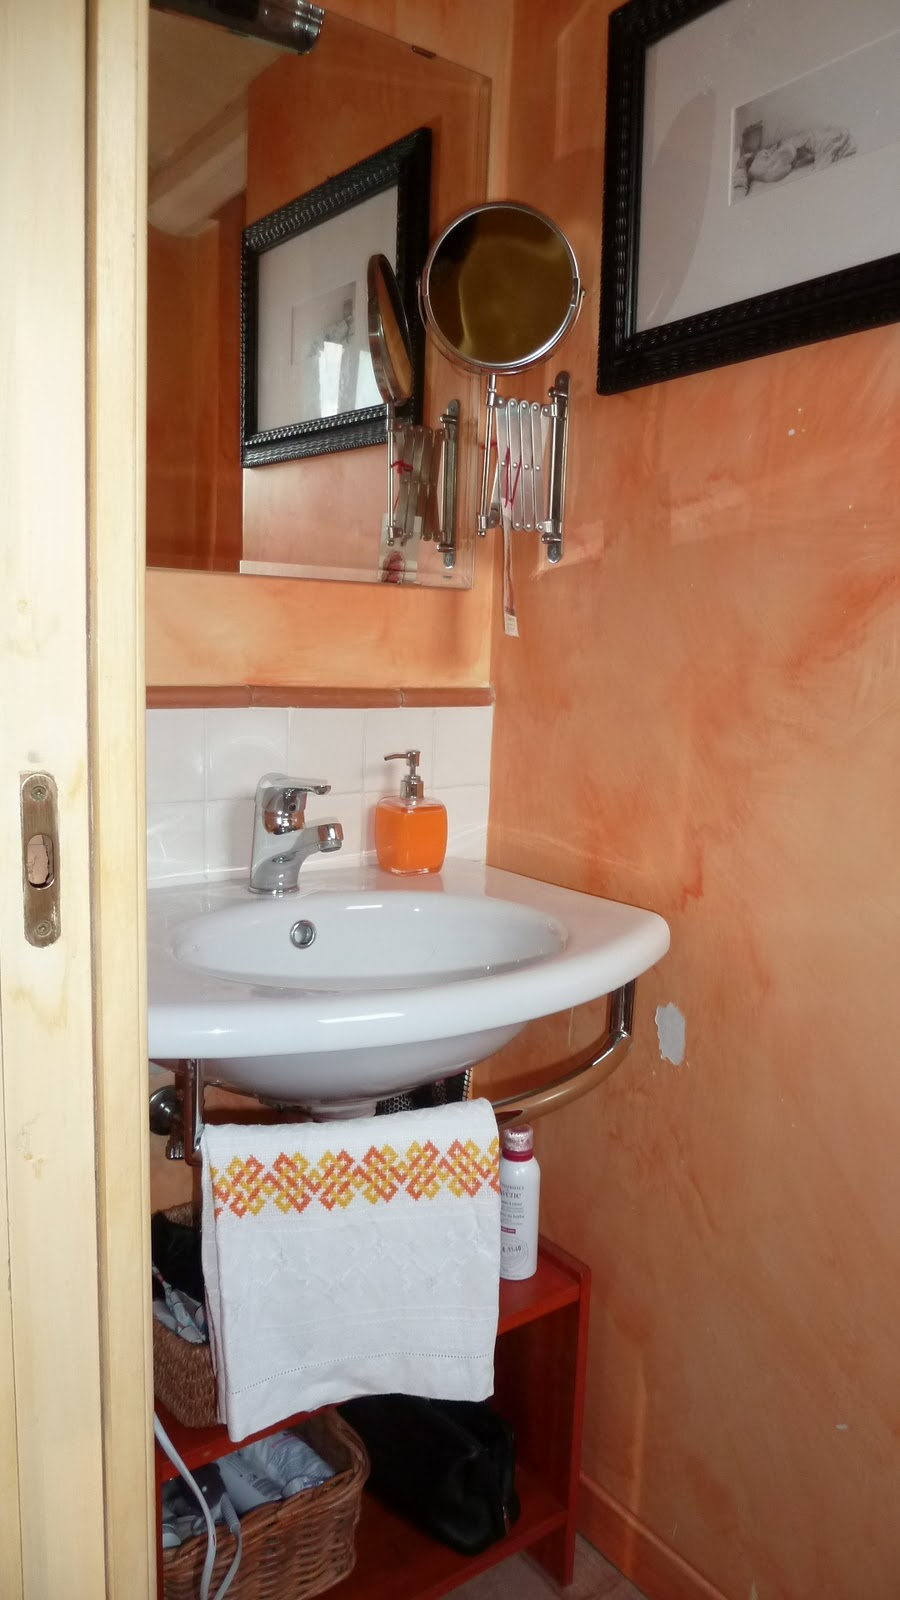 Tiriordino mini bagno - Camera con bagno ...